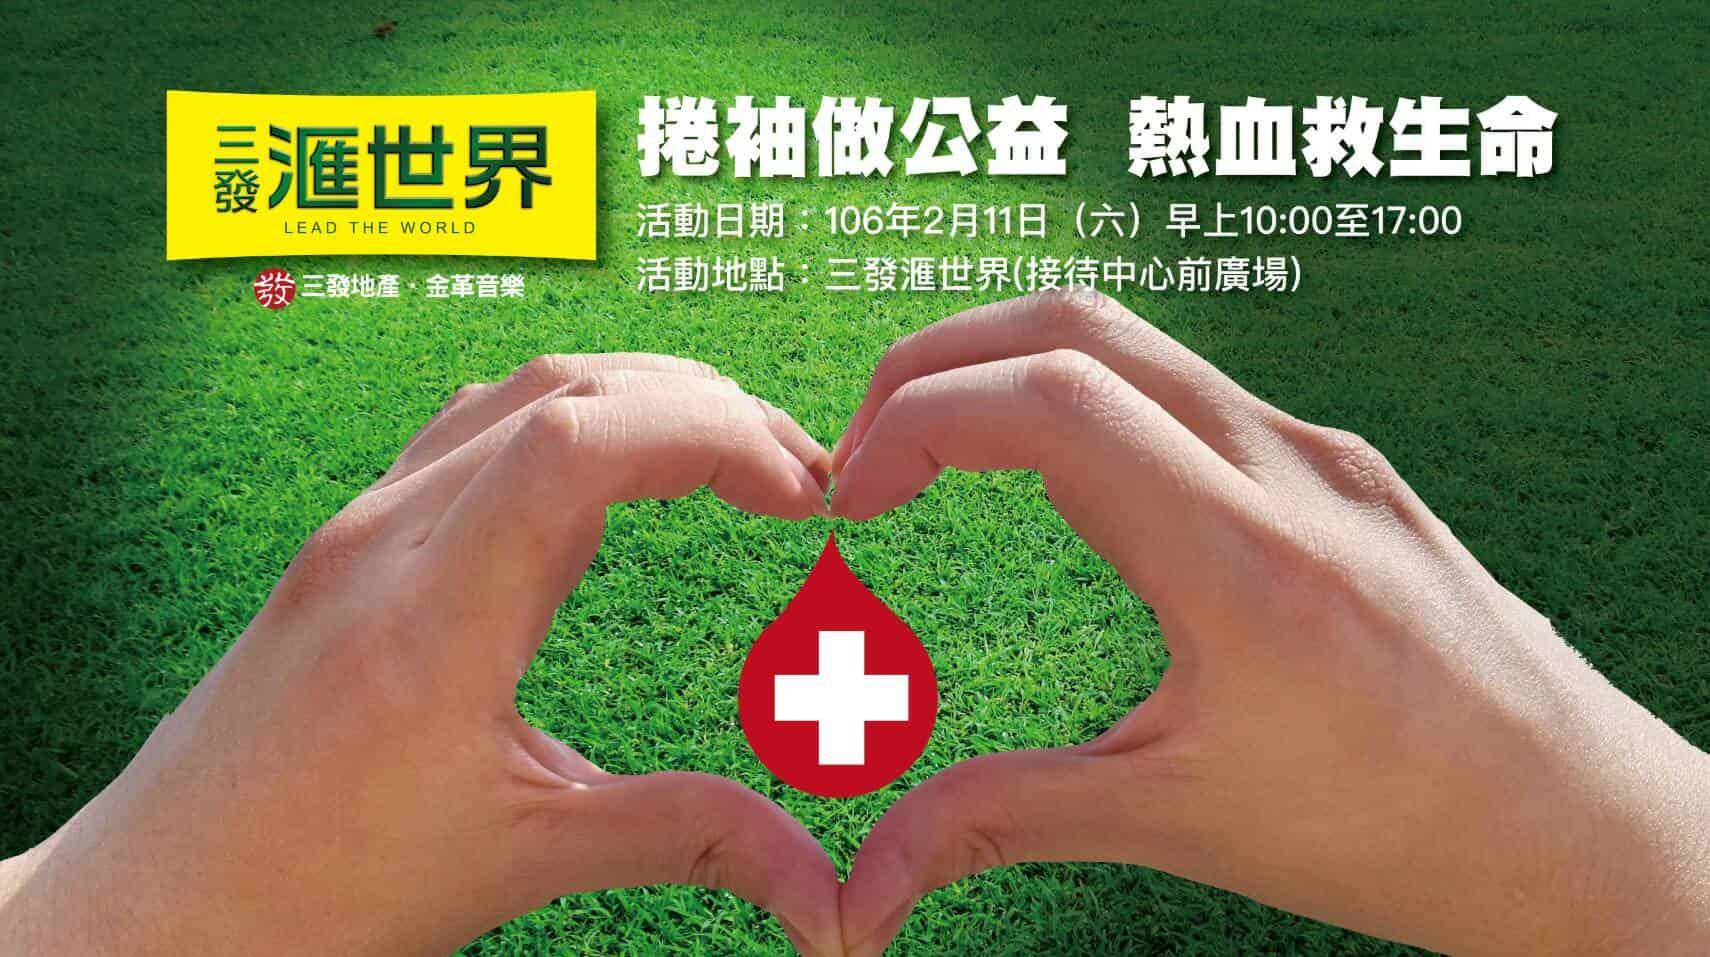 圖片:口碑熱銷 見證品質 『三發滙世界』【捲袖做公益 熱血救生命】